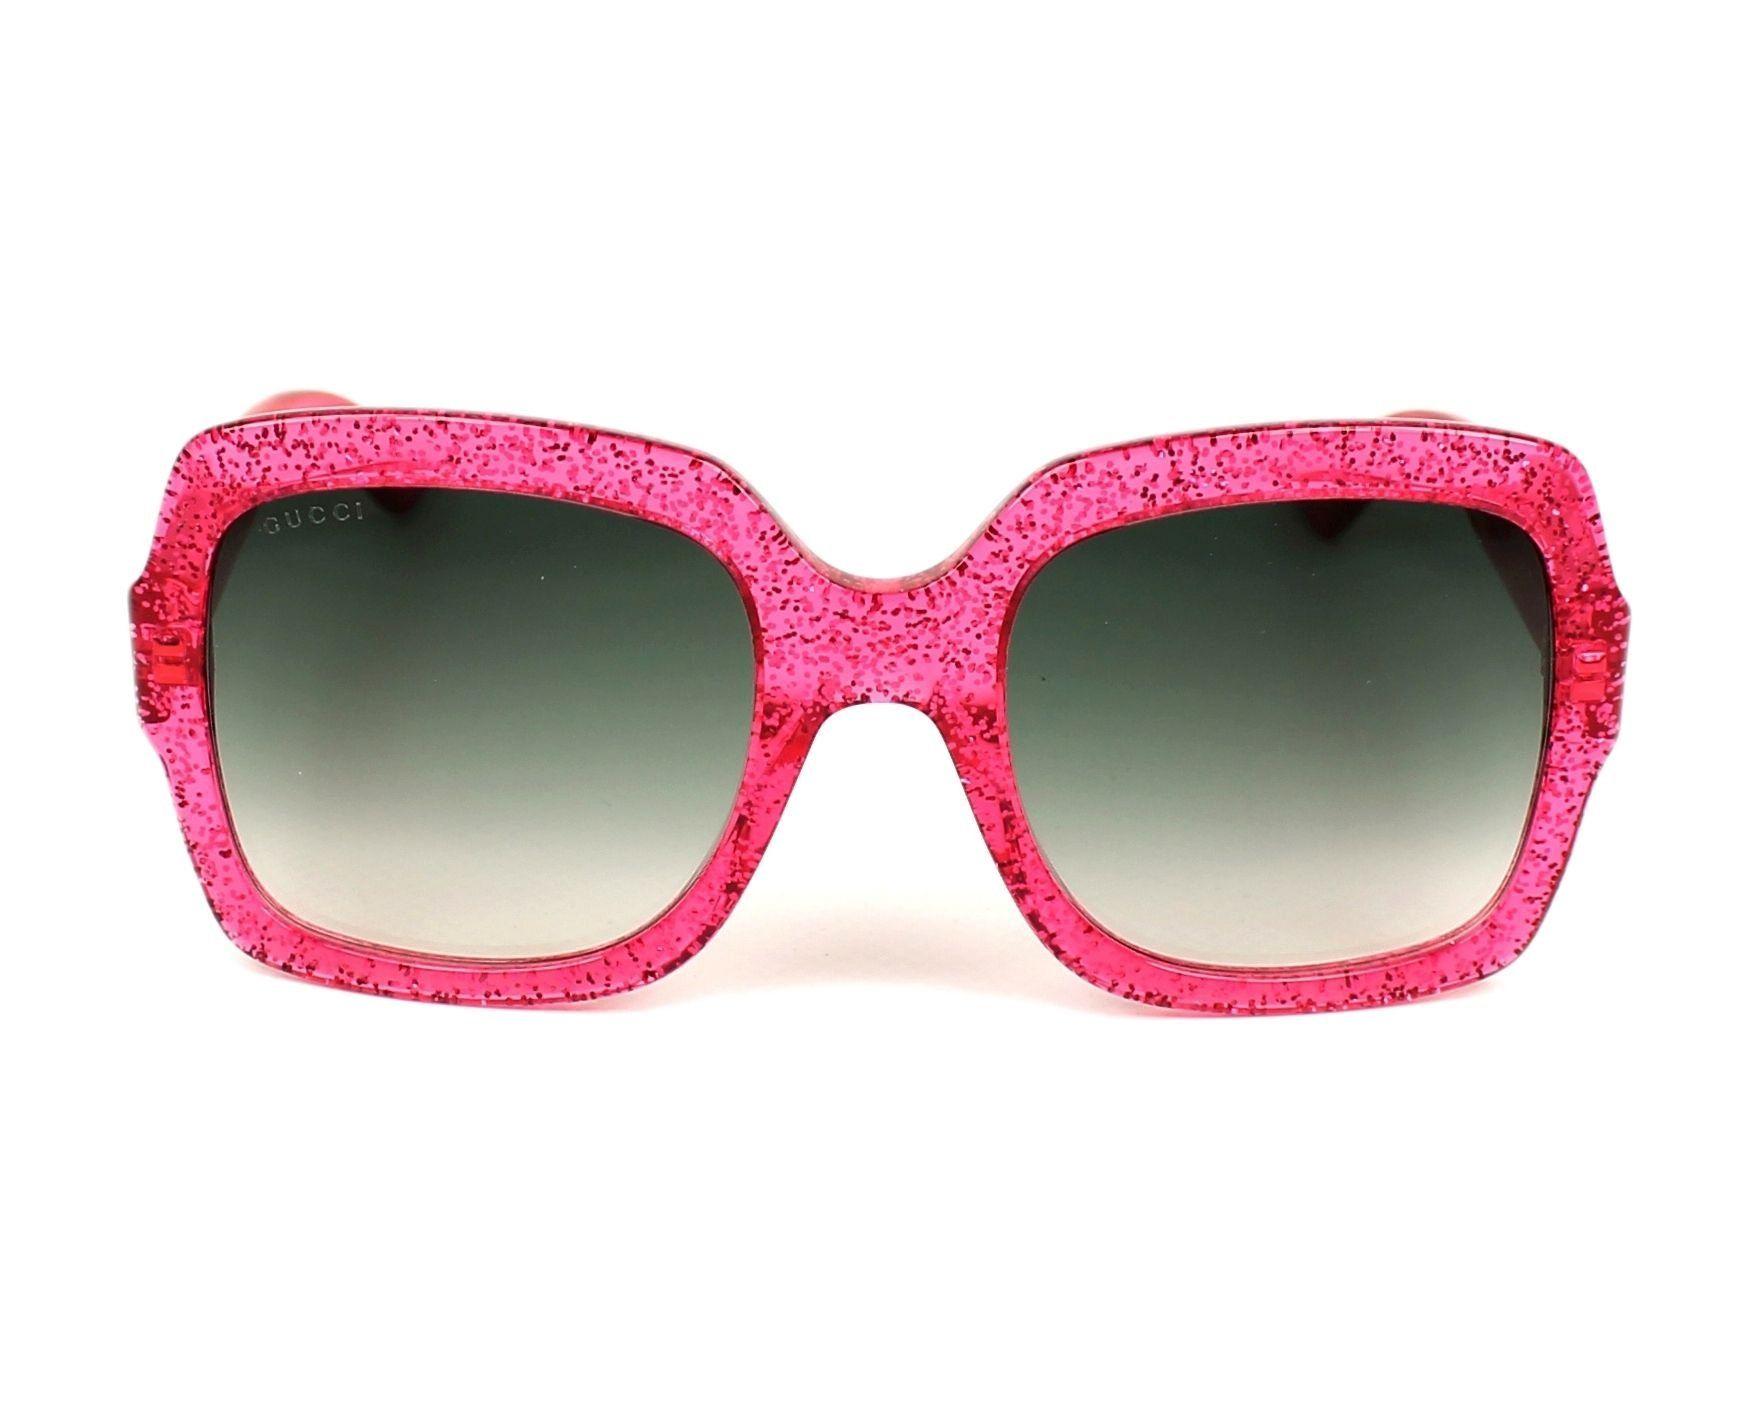 f2e56a3c59 Gucci GG0036S 007 (Glitter Pink fuschia fuchsia with Grey Gradient with  Mirror effect lenses)